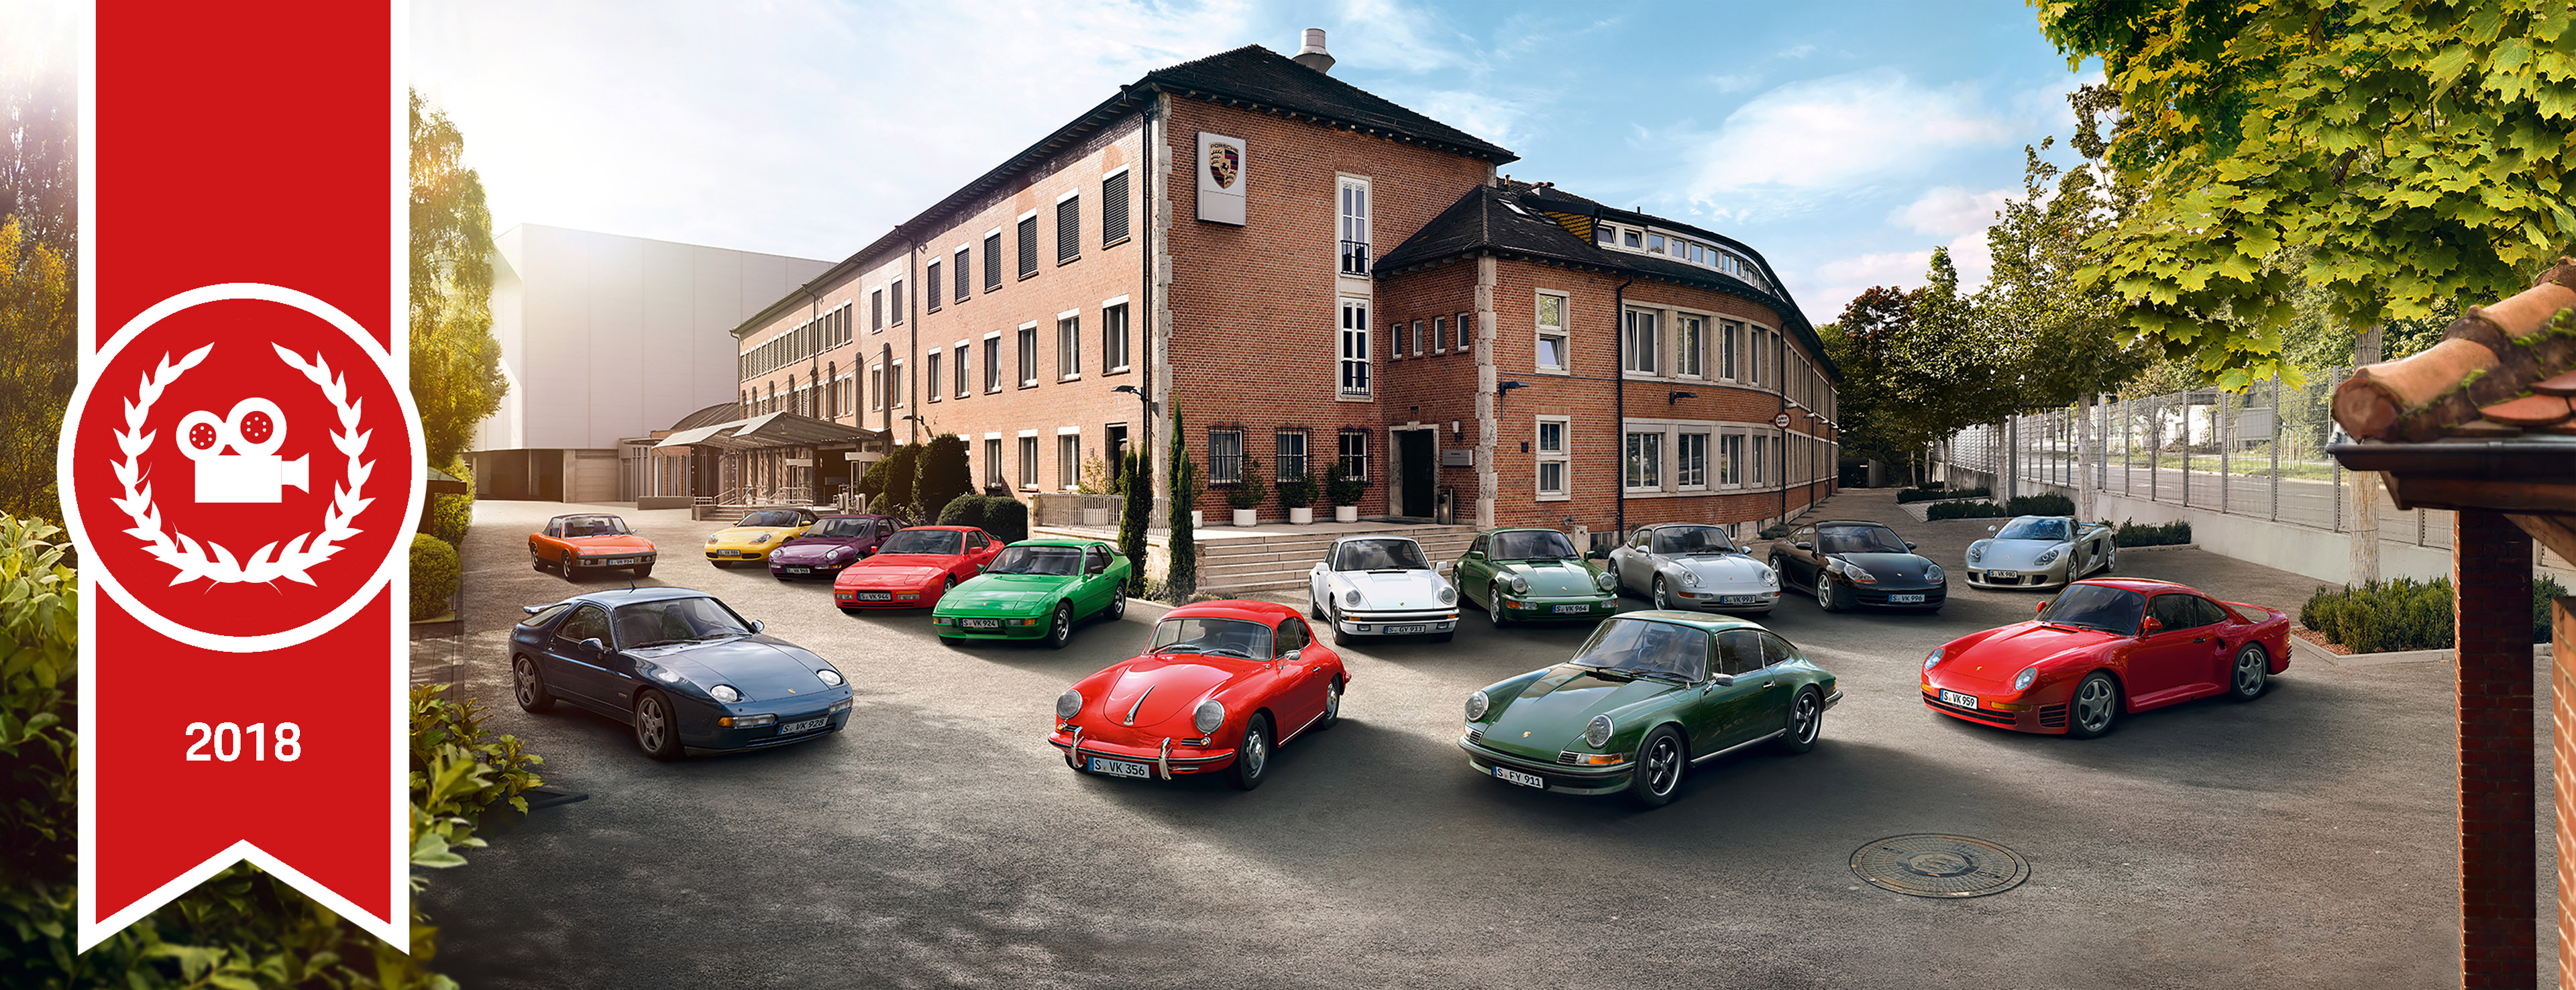 Information about your classic Porsche , Porsche Classic